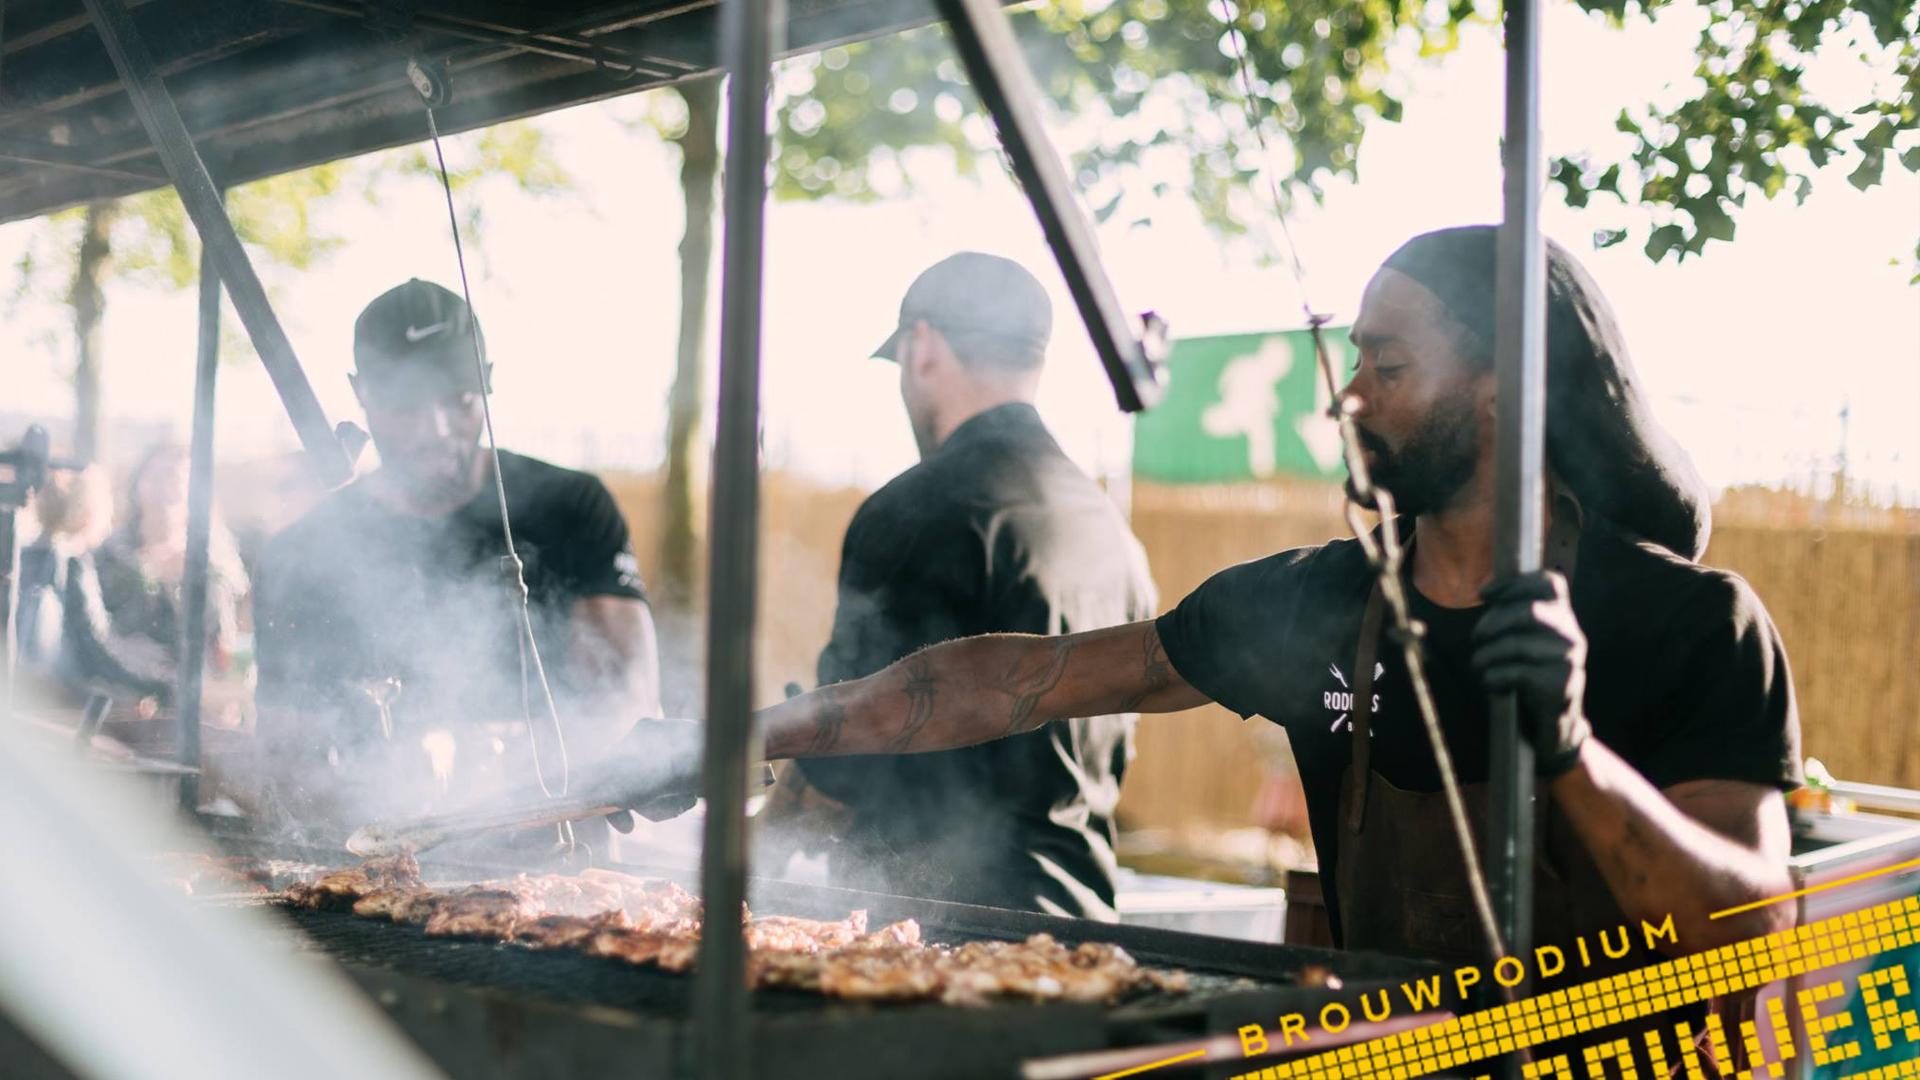 vlam in de pijp foodtruck festival